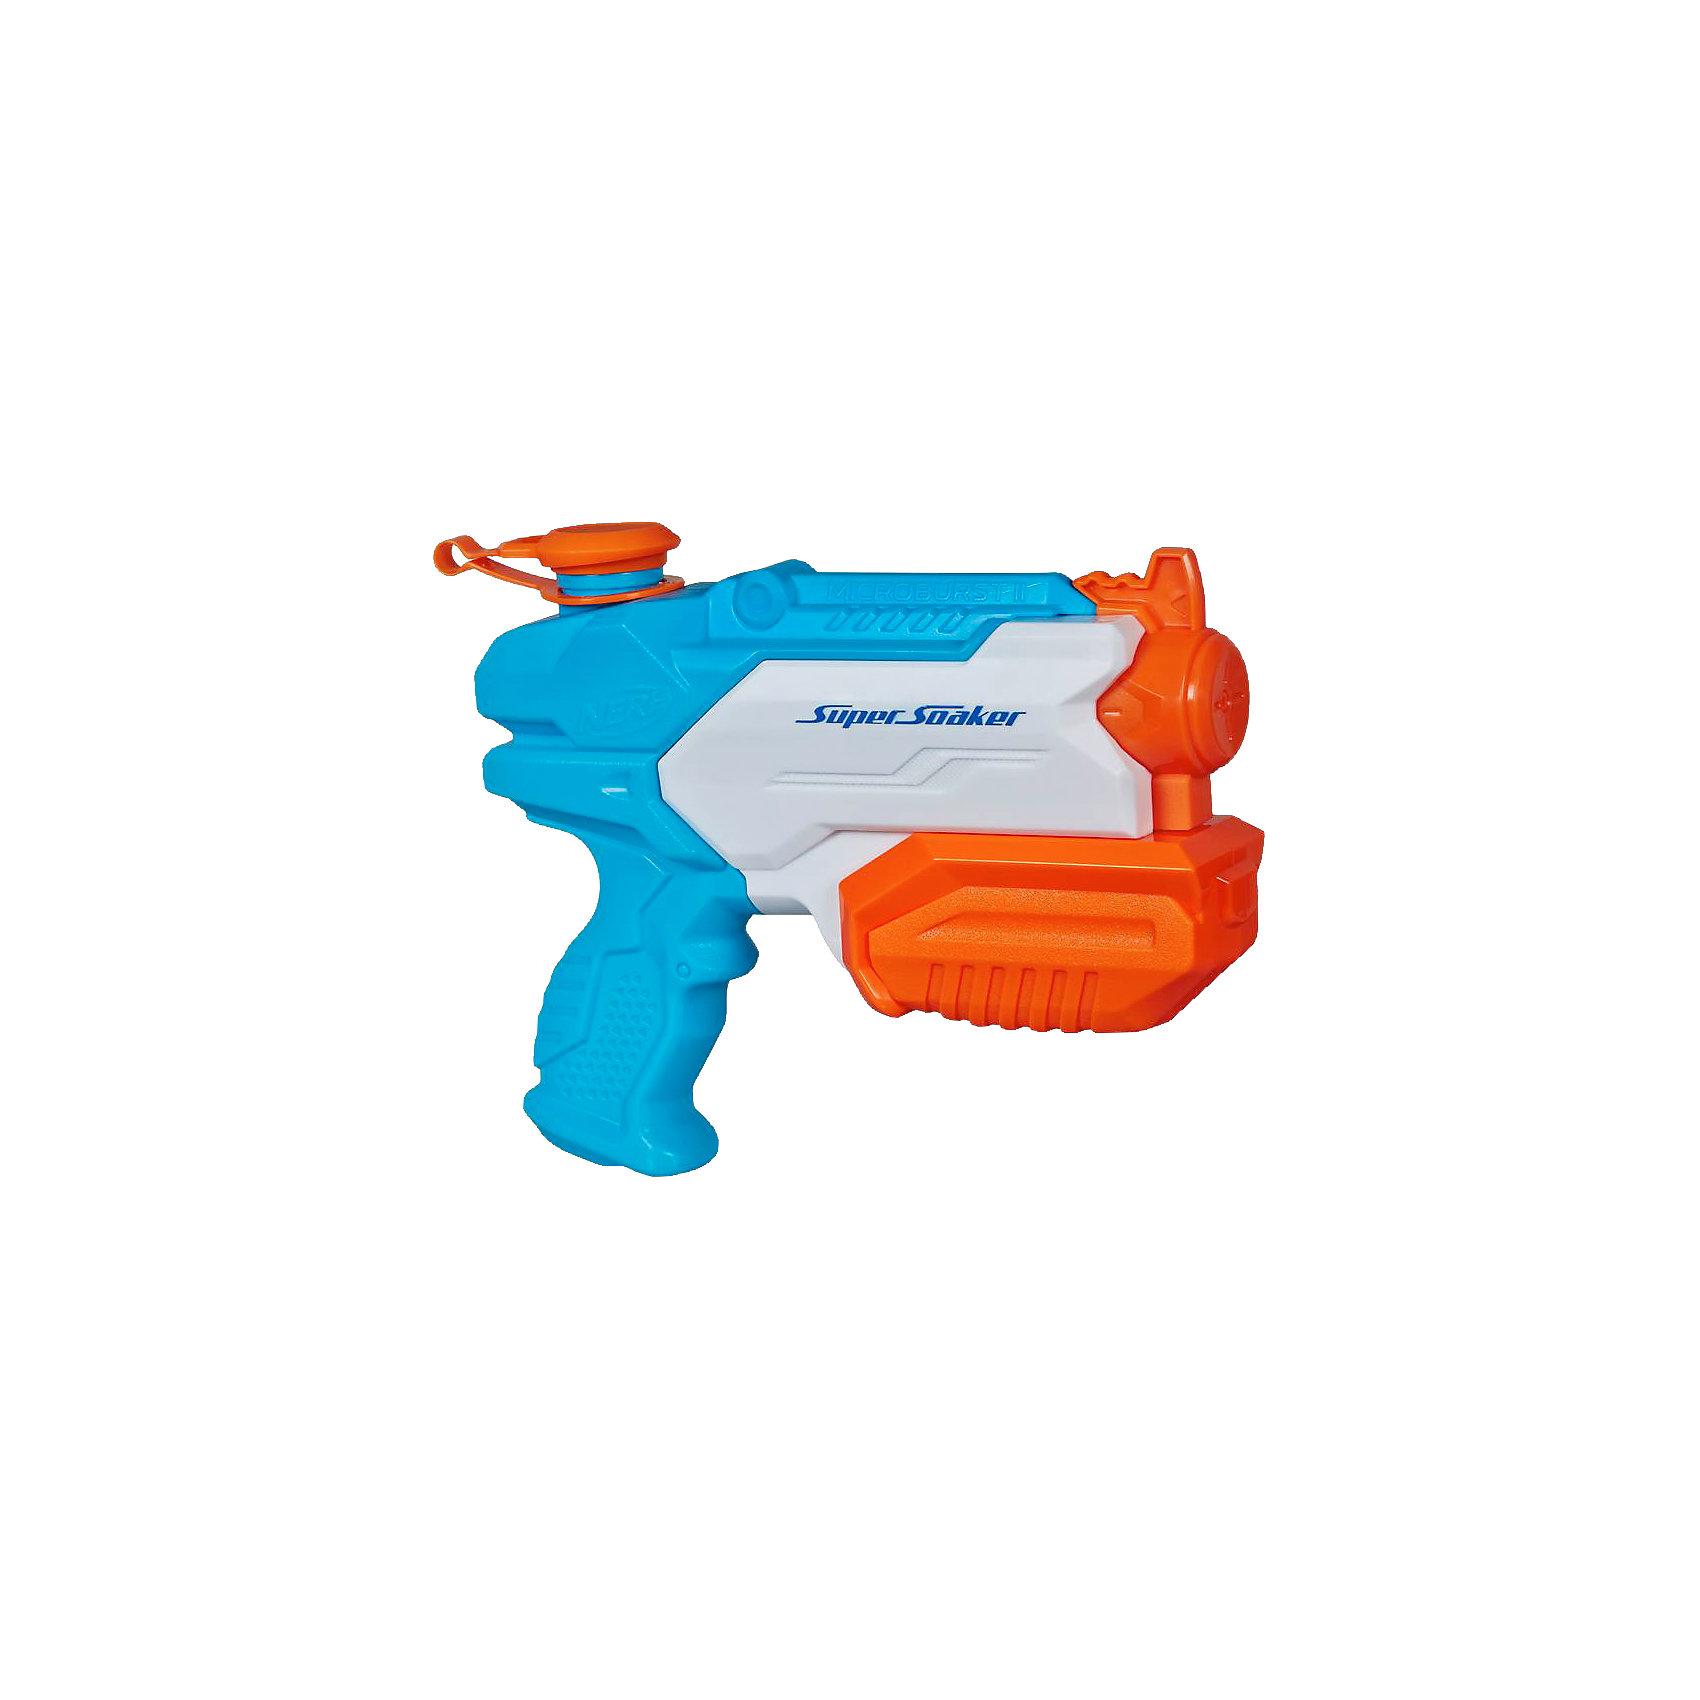 Водяной бластер Супер Соакер Микробёрст 2, NERFСюжетно-ролевые игры<br>Super Soaker Микробёрст 2, NERF- это водяной пистолет для настоящих бойцов с излишней жарой и духотой - достаточно набрать воды в объемный резервуар (295 мл) и передернуть помпу. Подобное занятие придется по душе и малышам, и взрослым, ведь это действительно здорово! Бластер станет отличным решением для активного и позитивного времяпрепровождения, не даст заскучать и даже позволит развить такие положительные навыки, как сноровка, координация, ловкость и внимательность. <br><br>Дополнительная информация:<br><br>Объем резервуара: 295 мл<br>Дальность стрельбы: 10 м<br>Размер упаковки: 21,6 х 22 х 6 см<br>Материал: пластик<br><br>Водяной бластер Супер Соакер Микробёрст 2, NERF (Нерф) можно купить в нашем магазине.<br><br>Ширина мм: 221<br>Глубина мм: 215<br>Высота мм: 63<br>Вес г: 290<br>Возраст от месяцев: 72<br>Возраст до месяцев: 120<br>Пол: Мужской<br>Возраст: Детский<br>SKU: 3795562